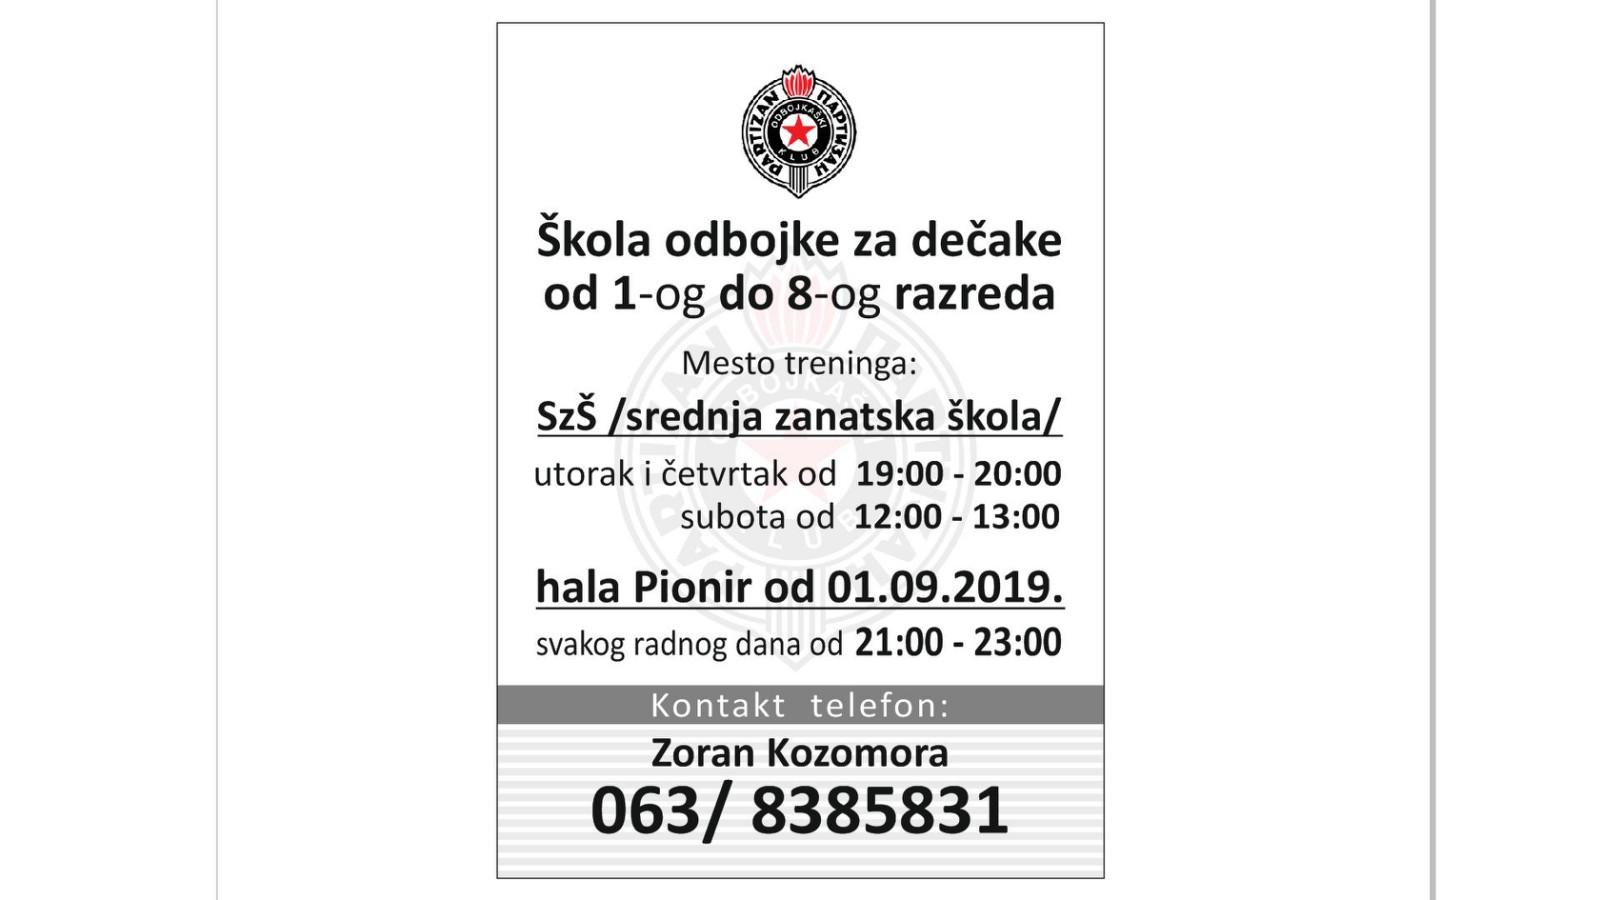 flajerSkolaOdbojkeRakovica